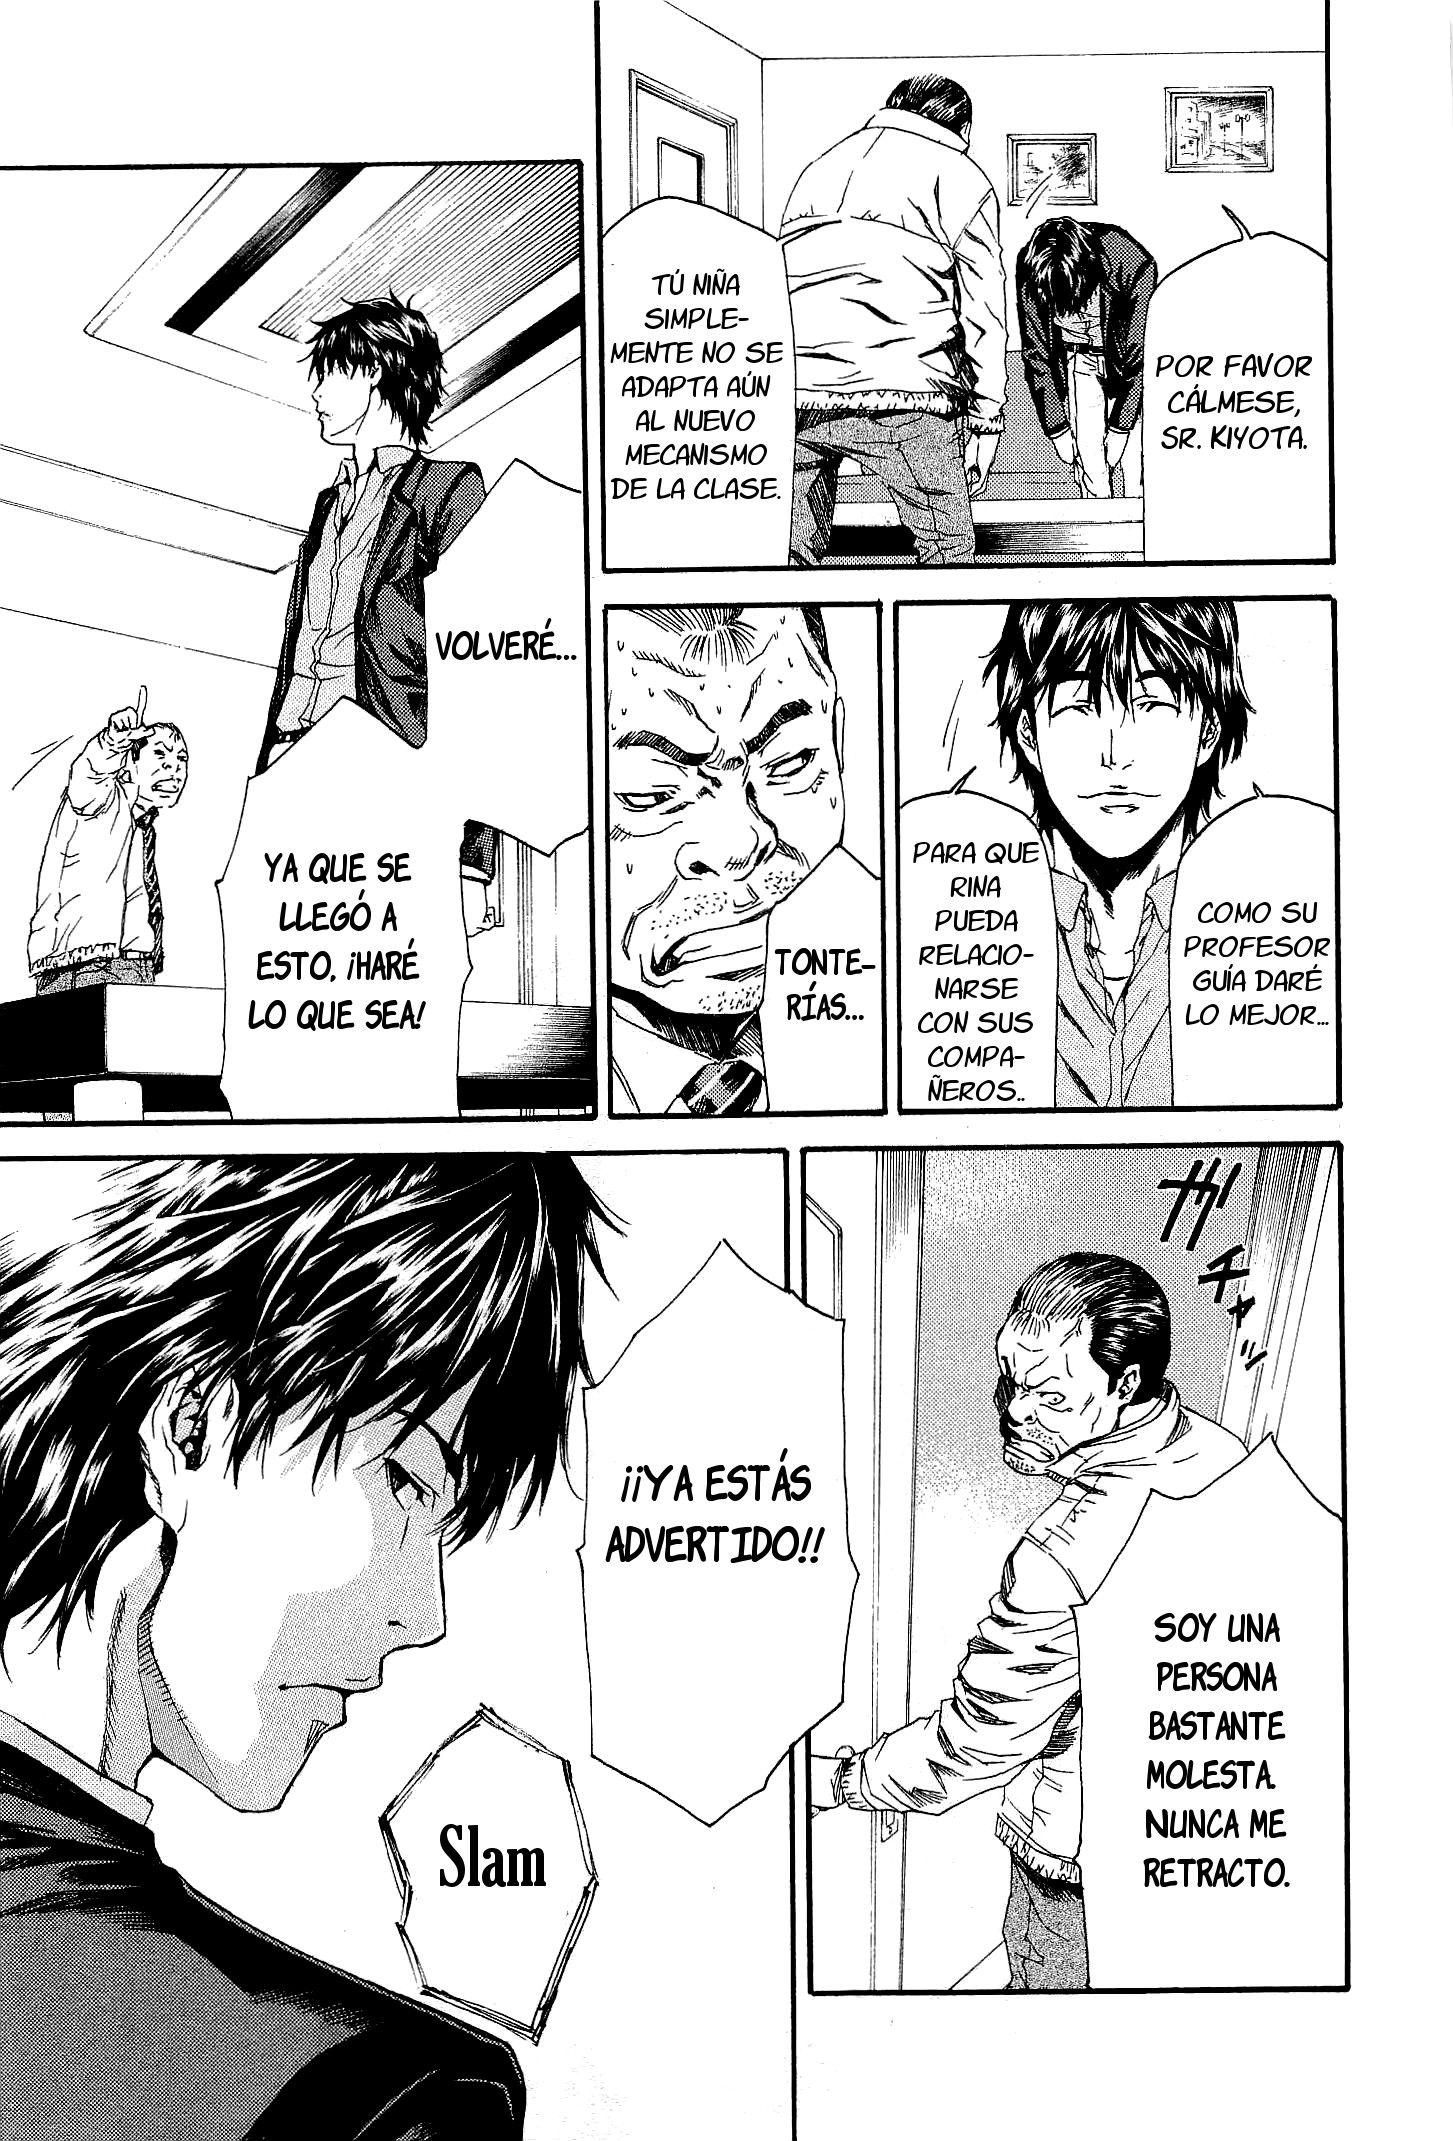 http://c5.ninemanga.com/es_manga/pic2/3/19523/518613/ac1b62363dd2c675b3ce6fc4910178d1.jpg Page 8